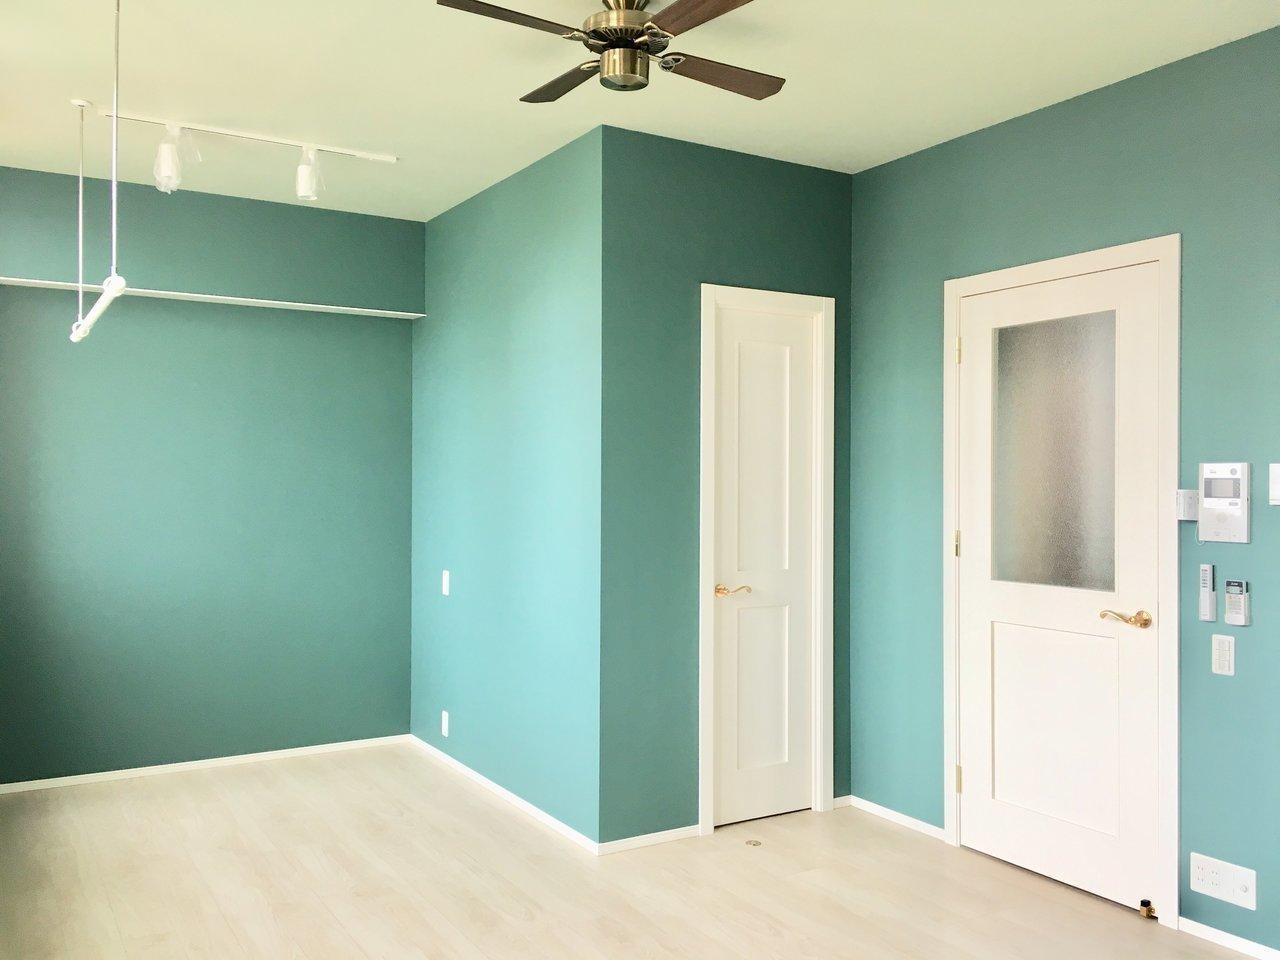 鮮やかなグリーンのお部屋も。建具は真っ白で、取っ手などのディテールも凝ってますね。